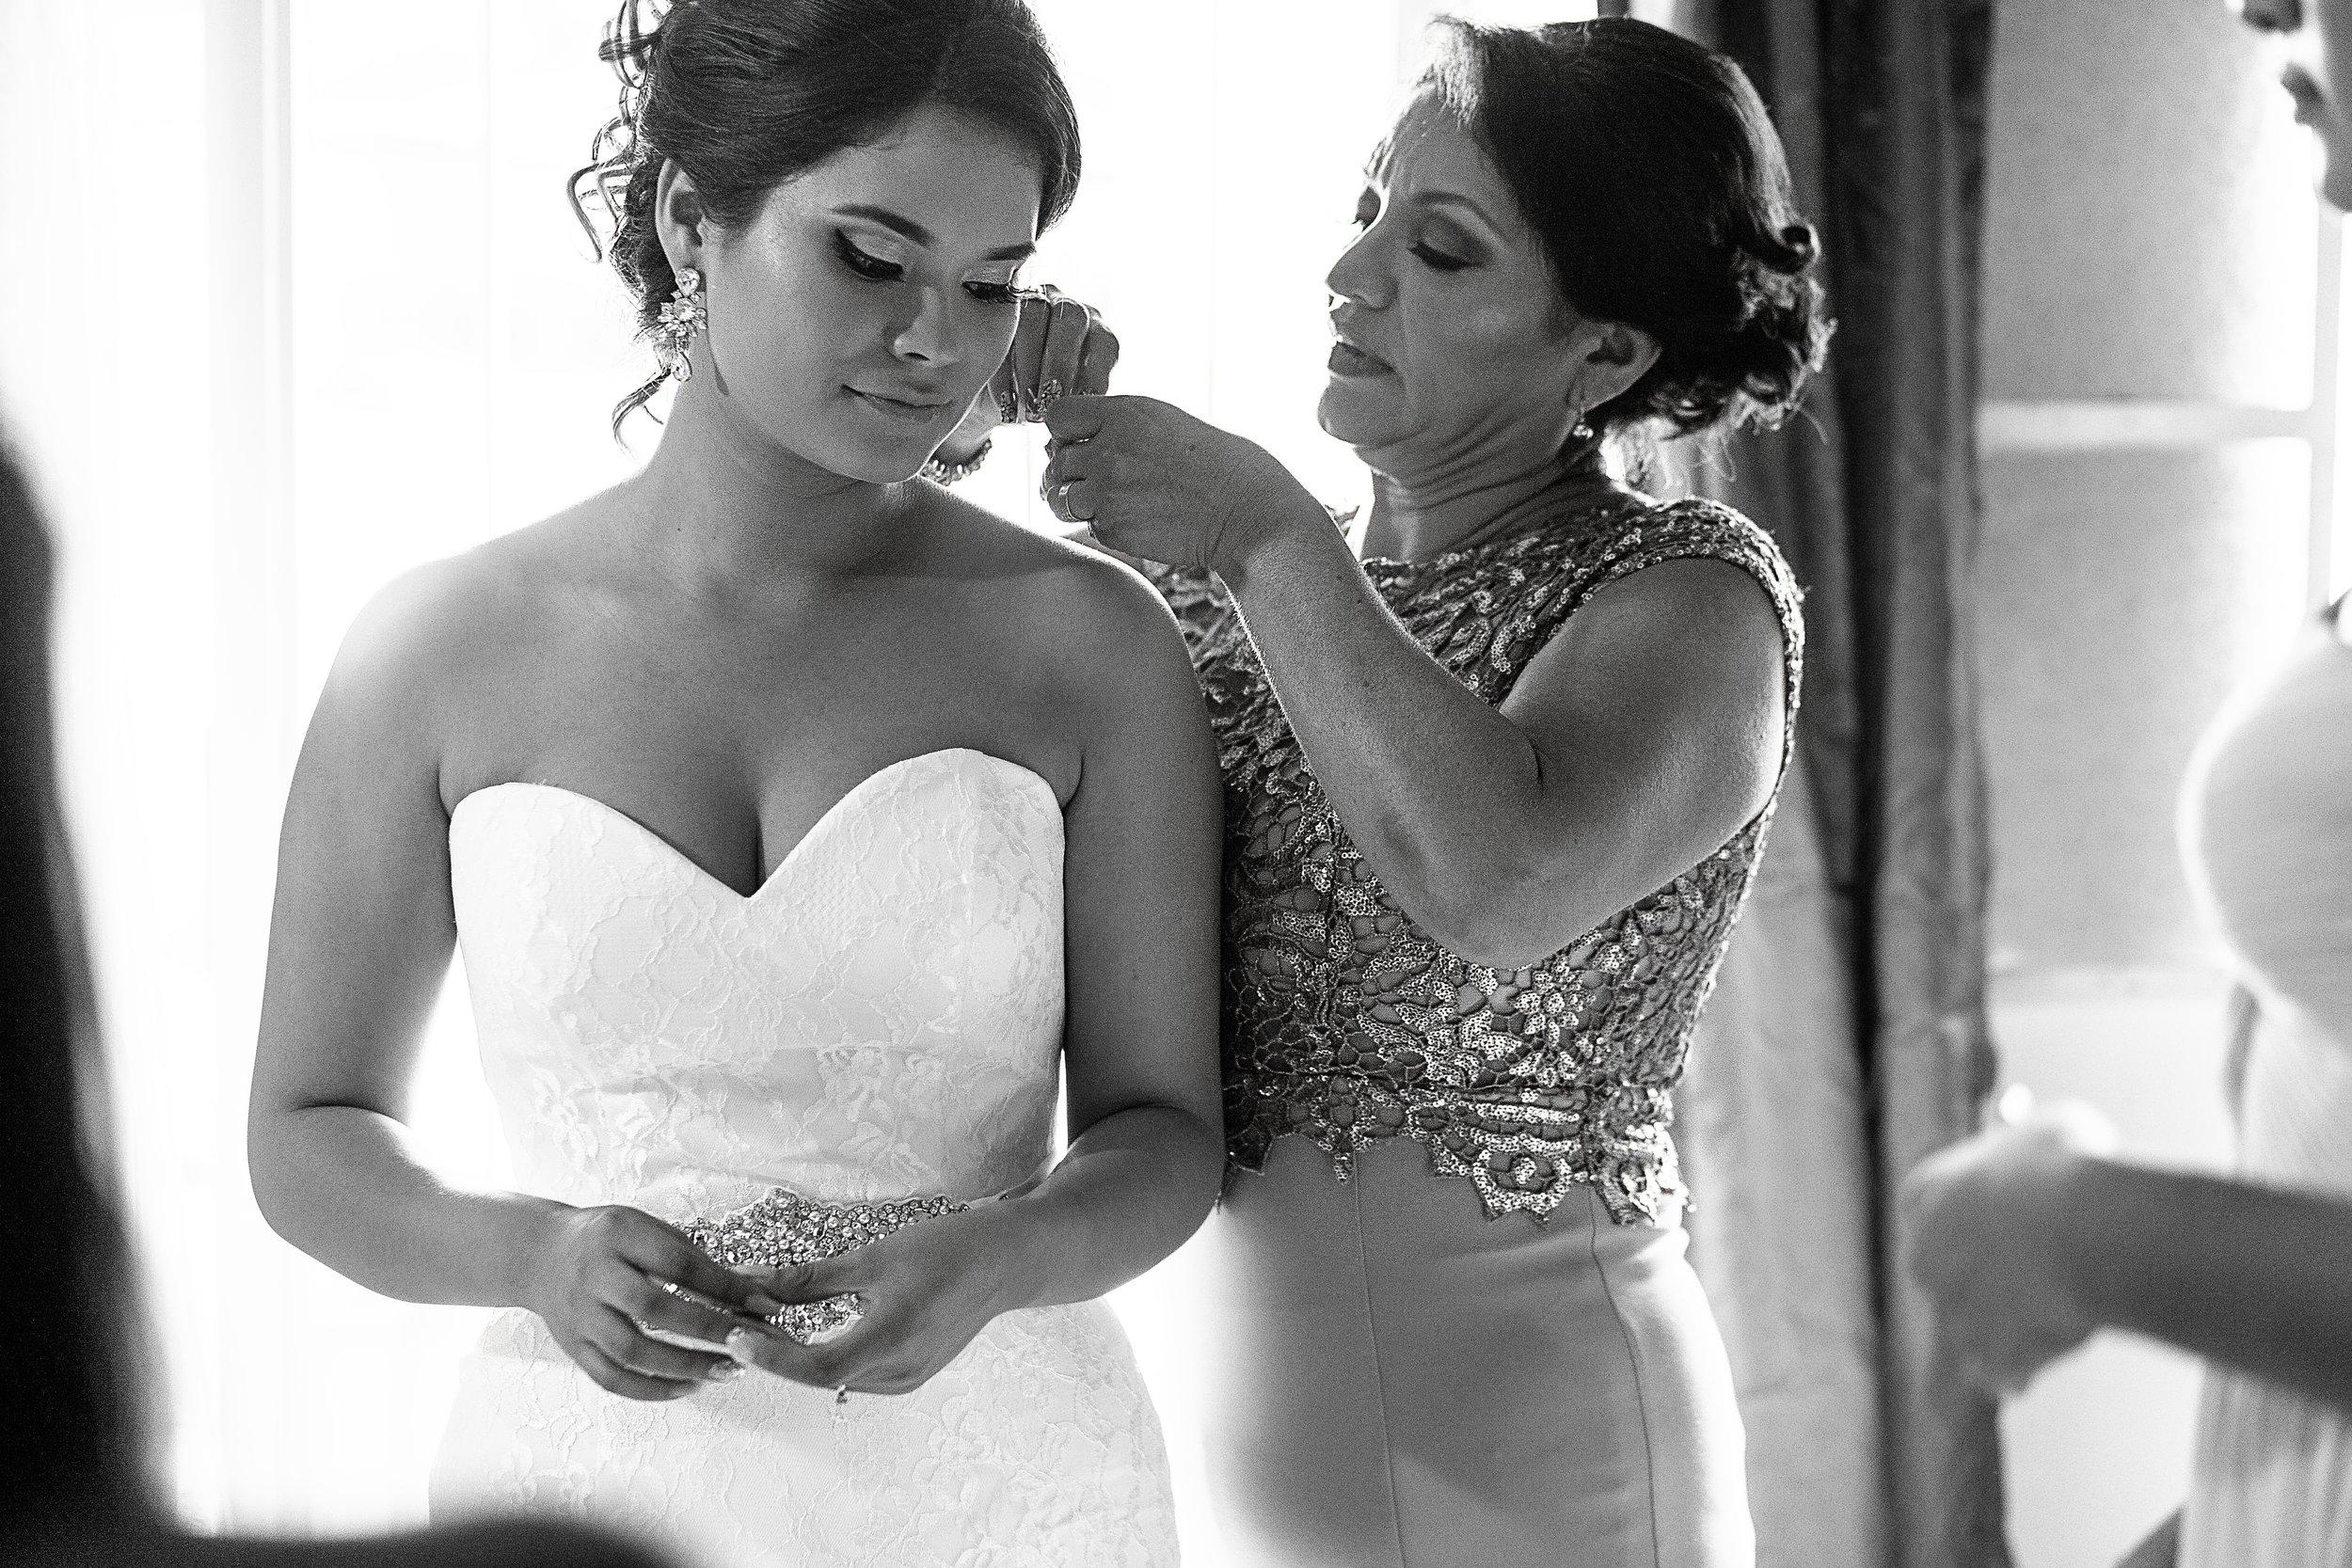 Mamá de la novia poniéndole los aretes a la novia durante los preparativos